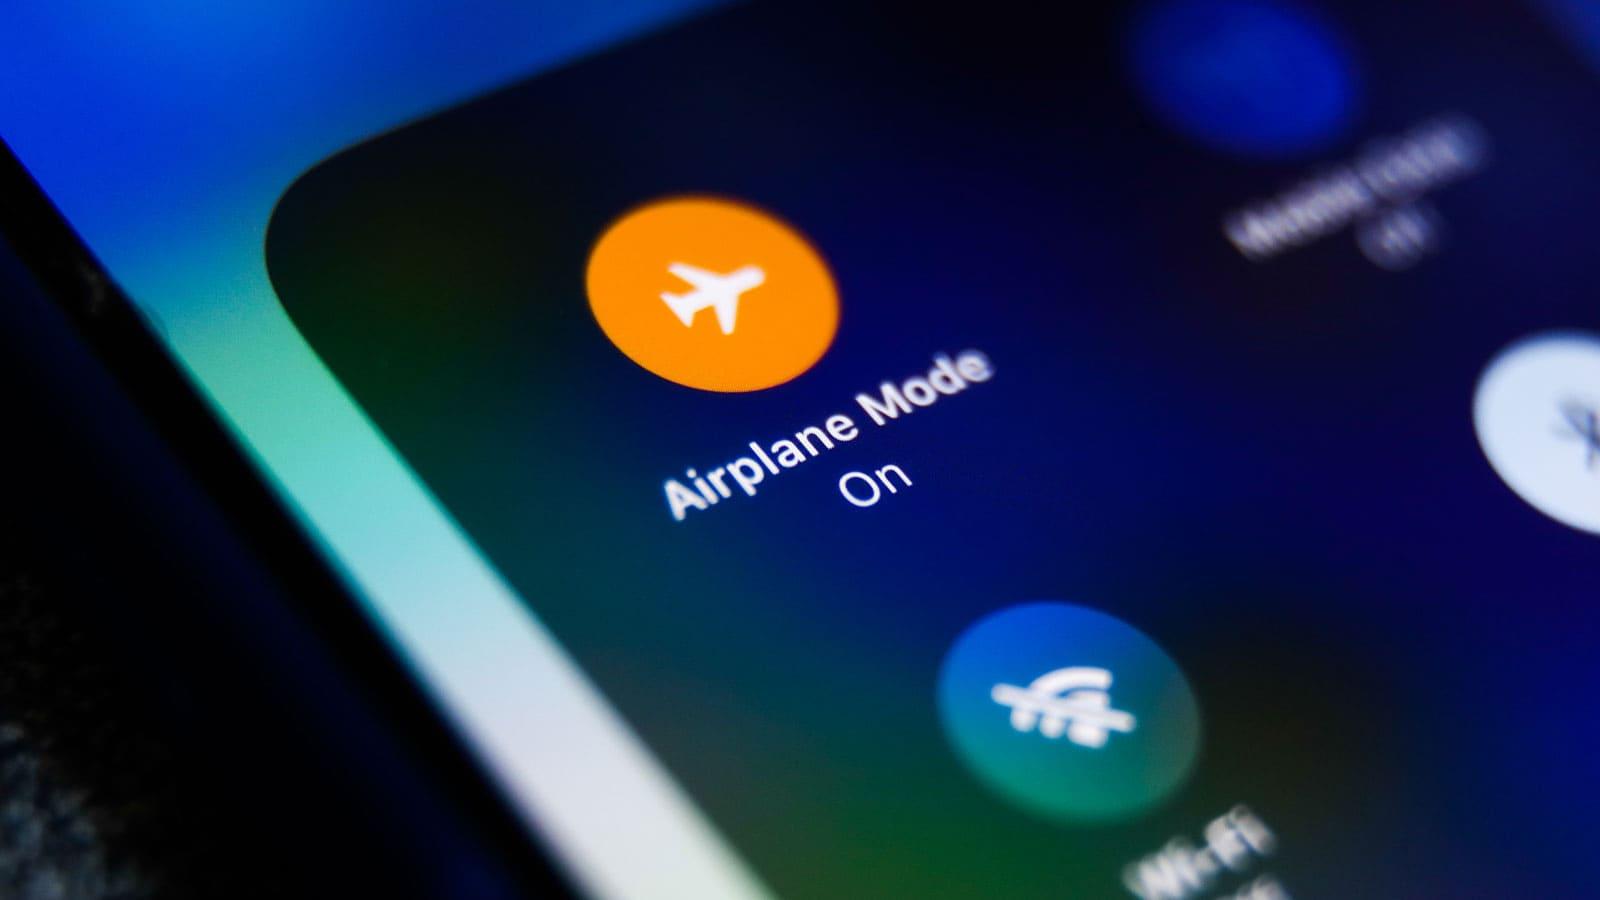 الطريقة الثانية : تفعيل خاصية وضع الطيران من الهاتف